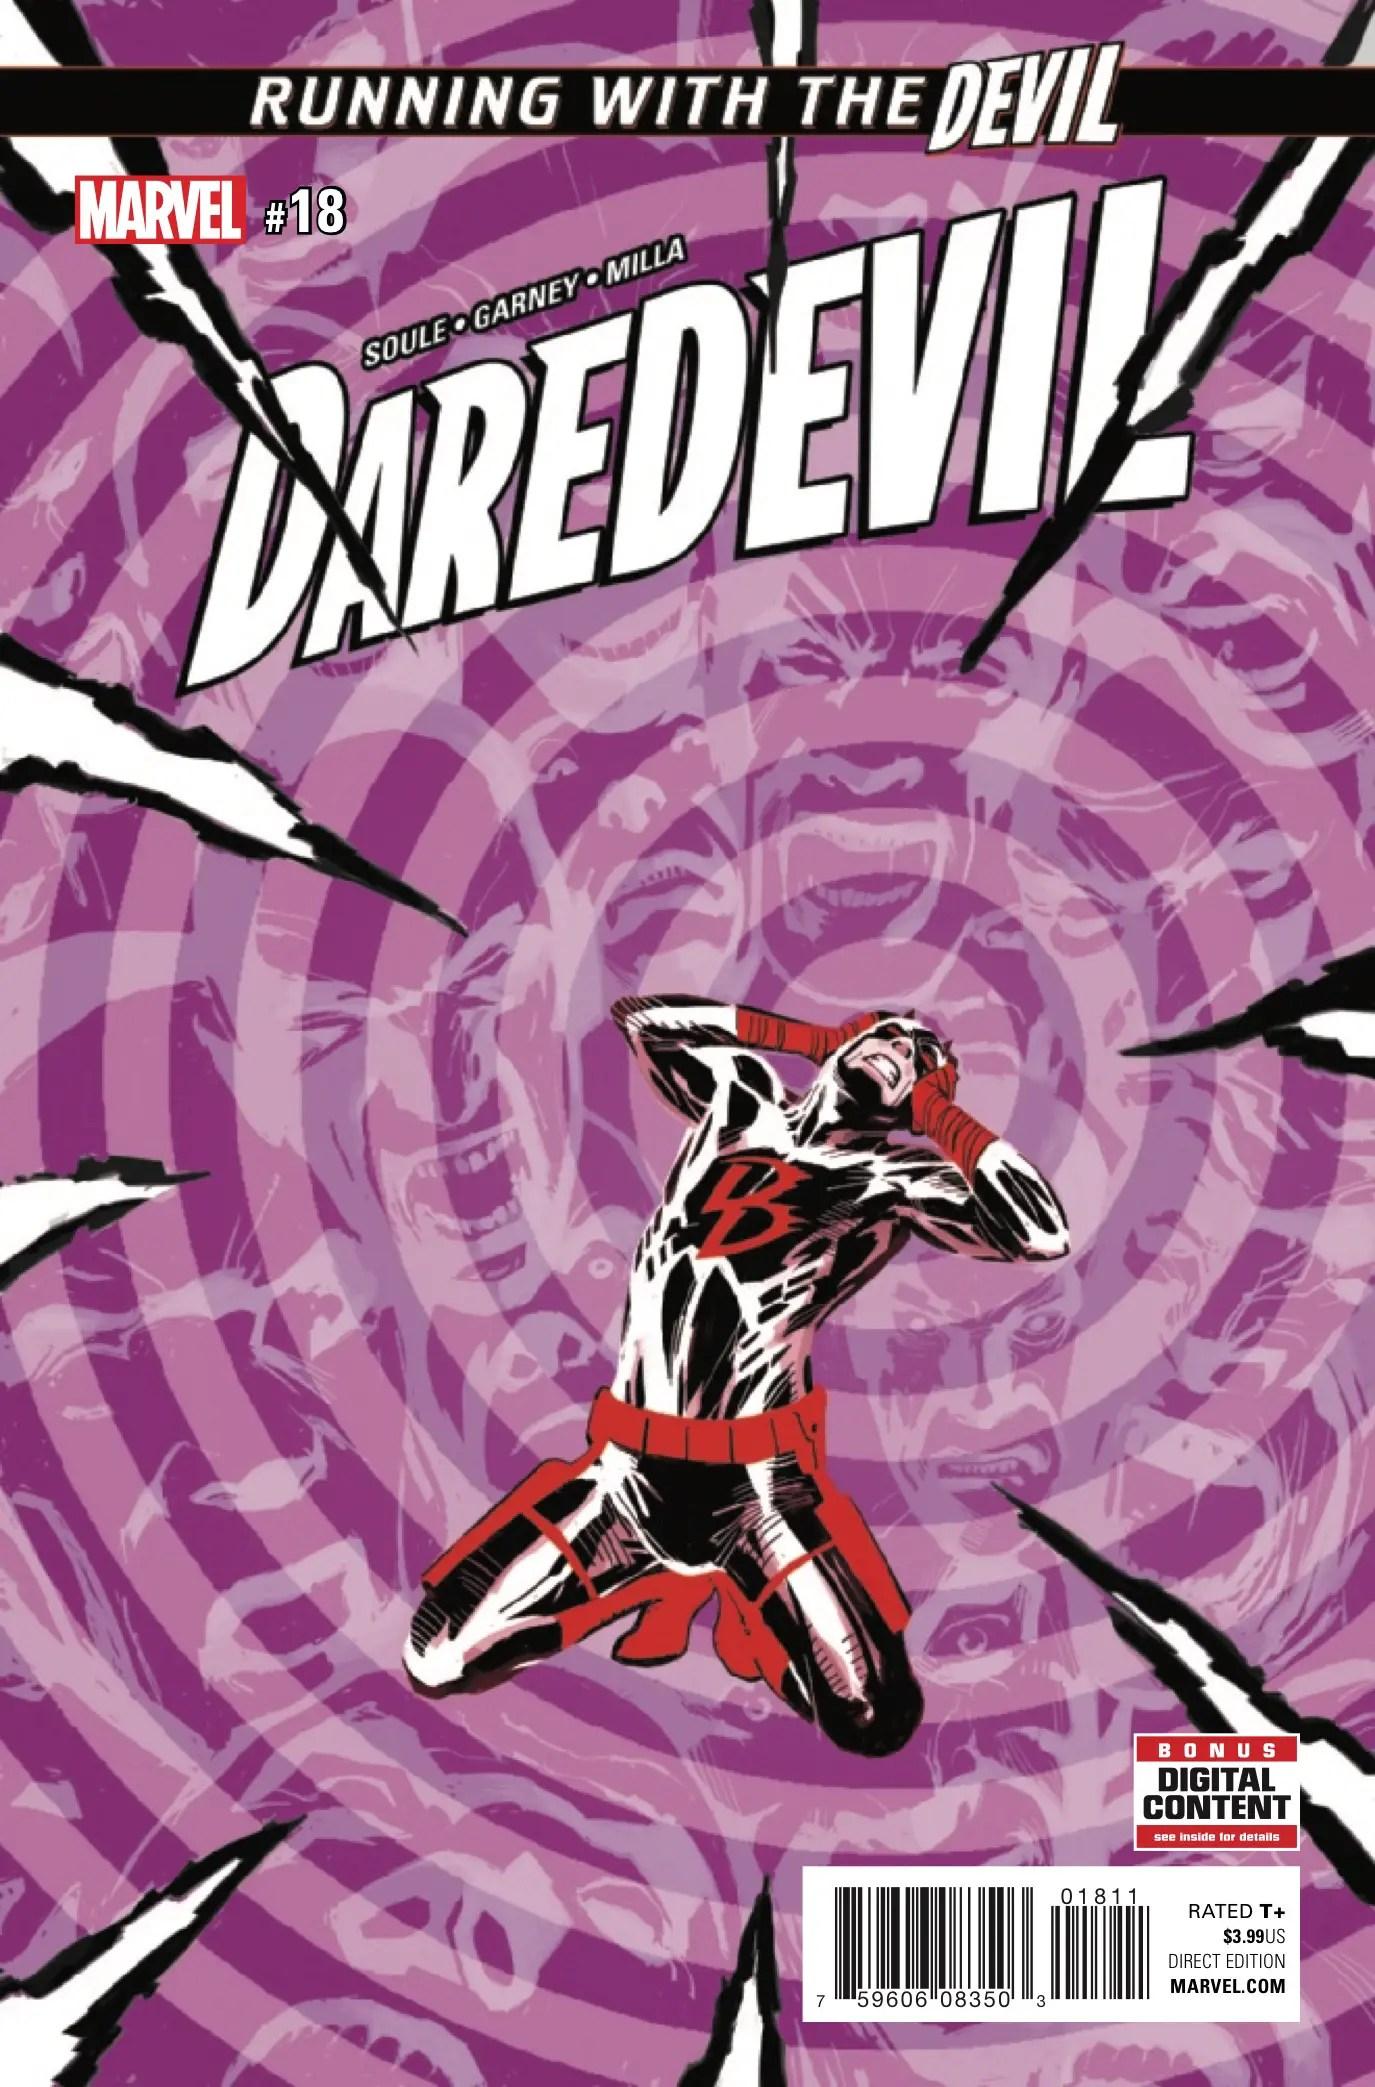 Daredevil #18 Review